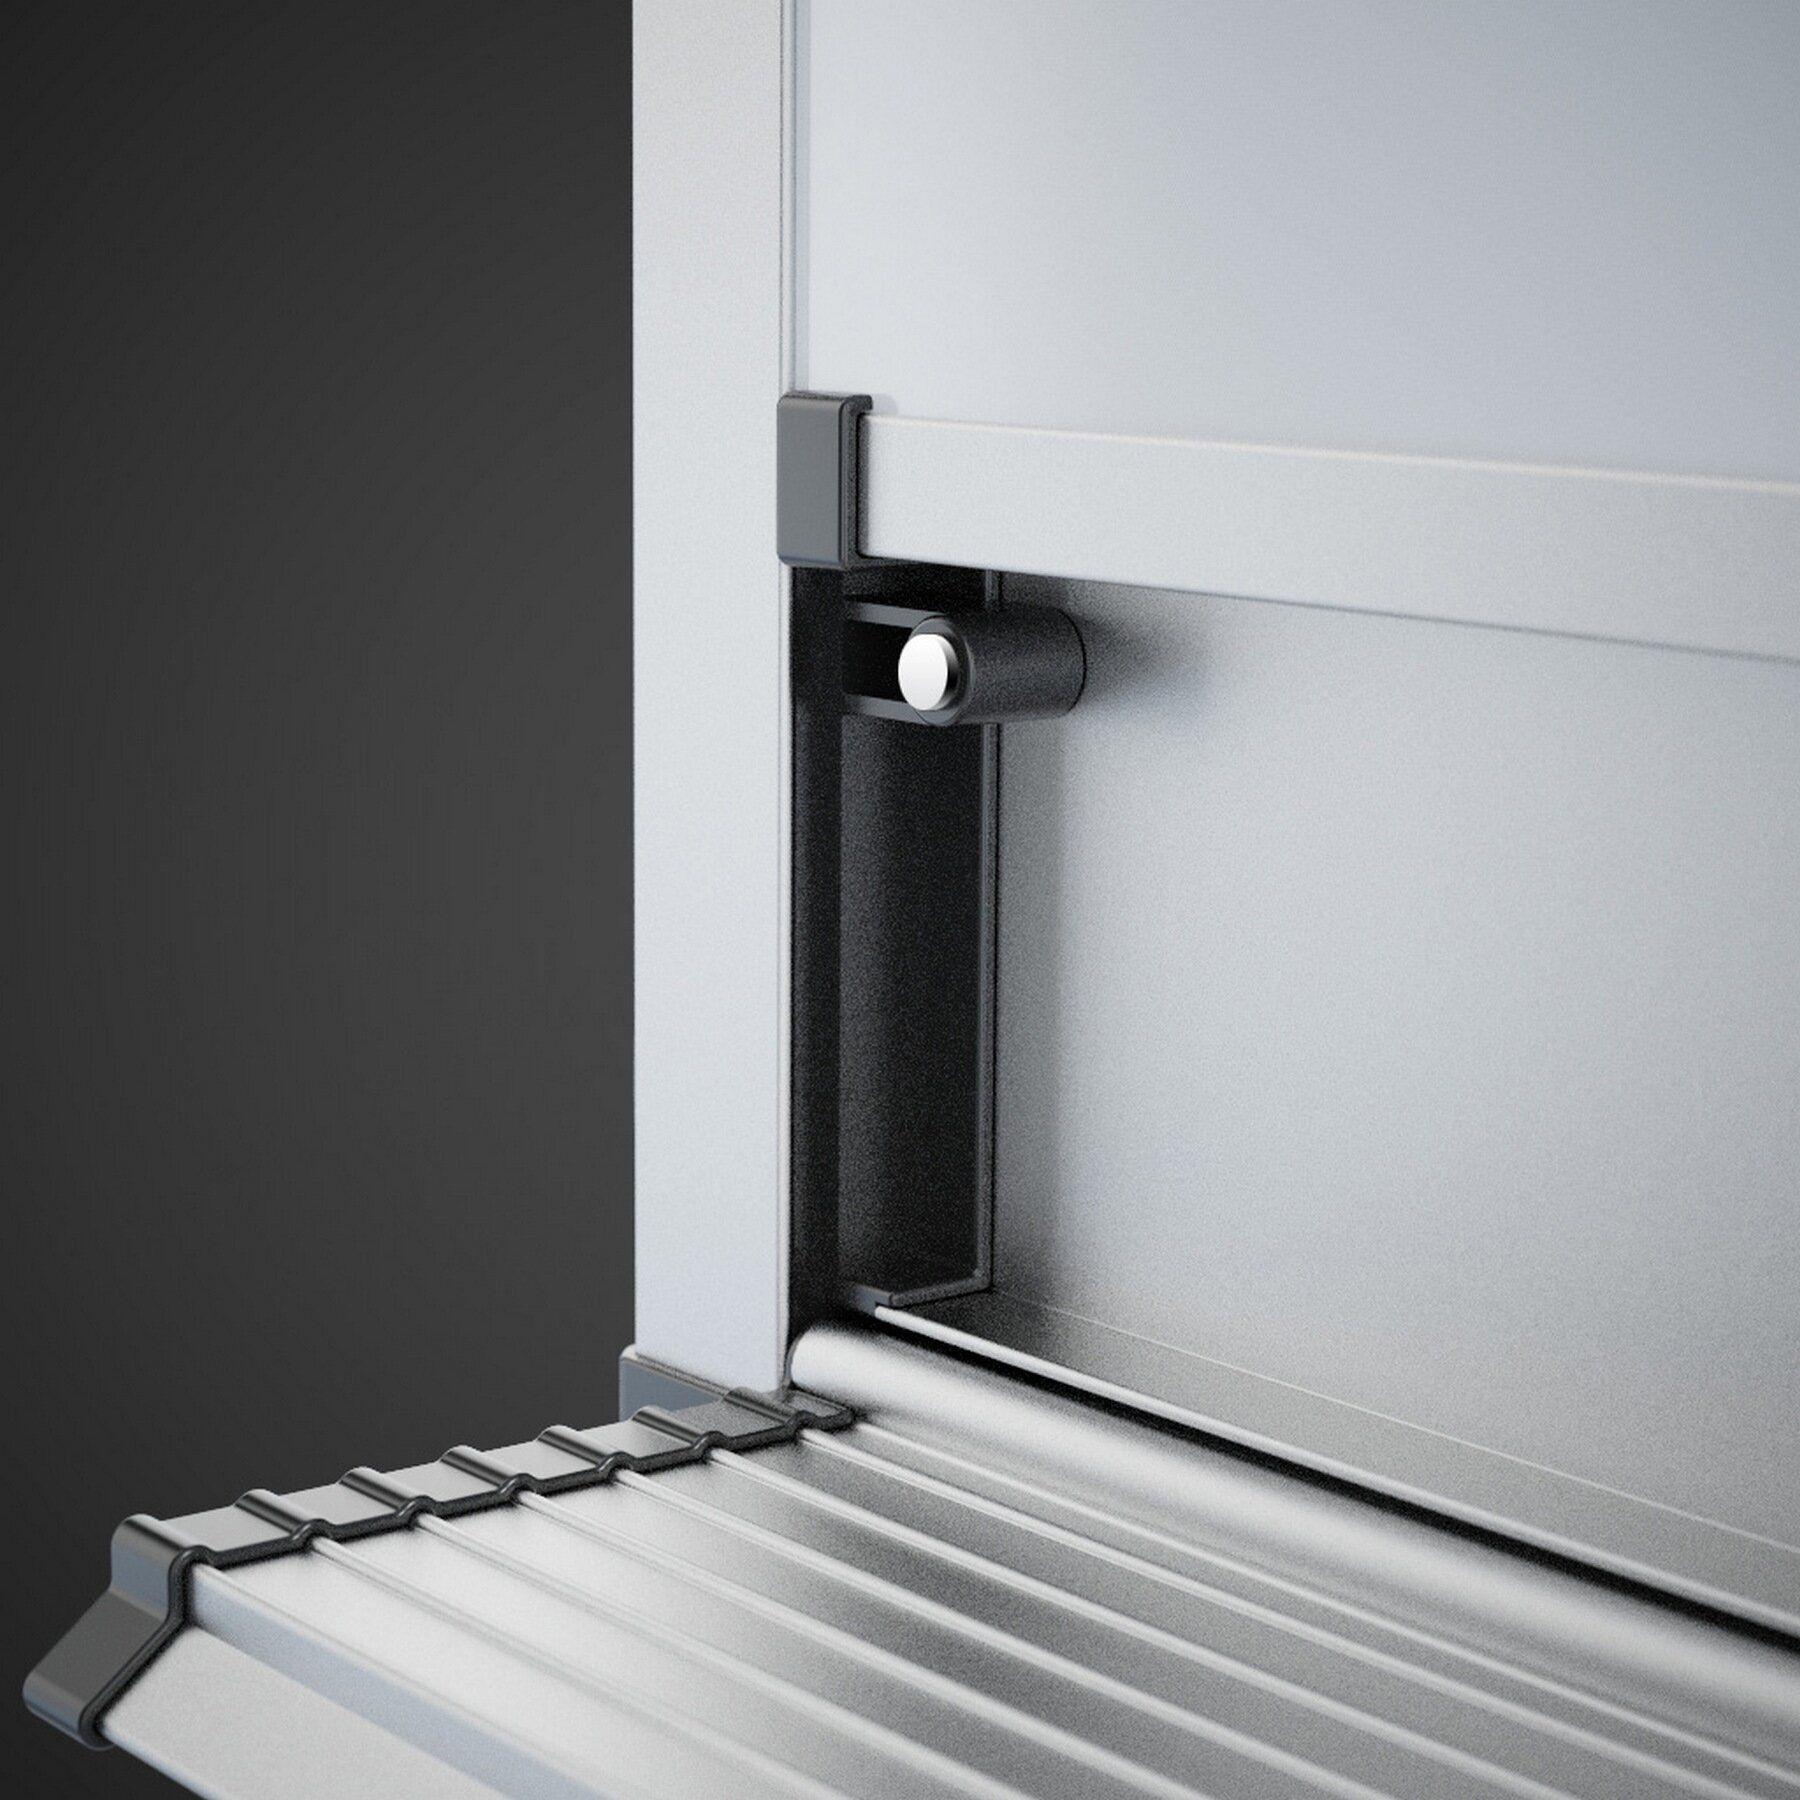 Доска белая магнитная сухостираемая StarBoard 120*180см., алюминиевая рамка, лак 2x3 - фото 4